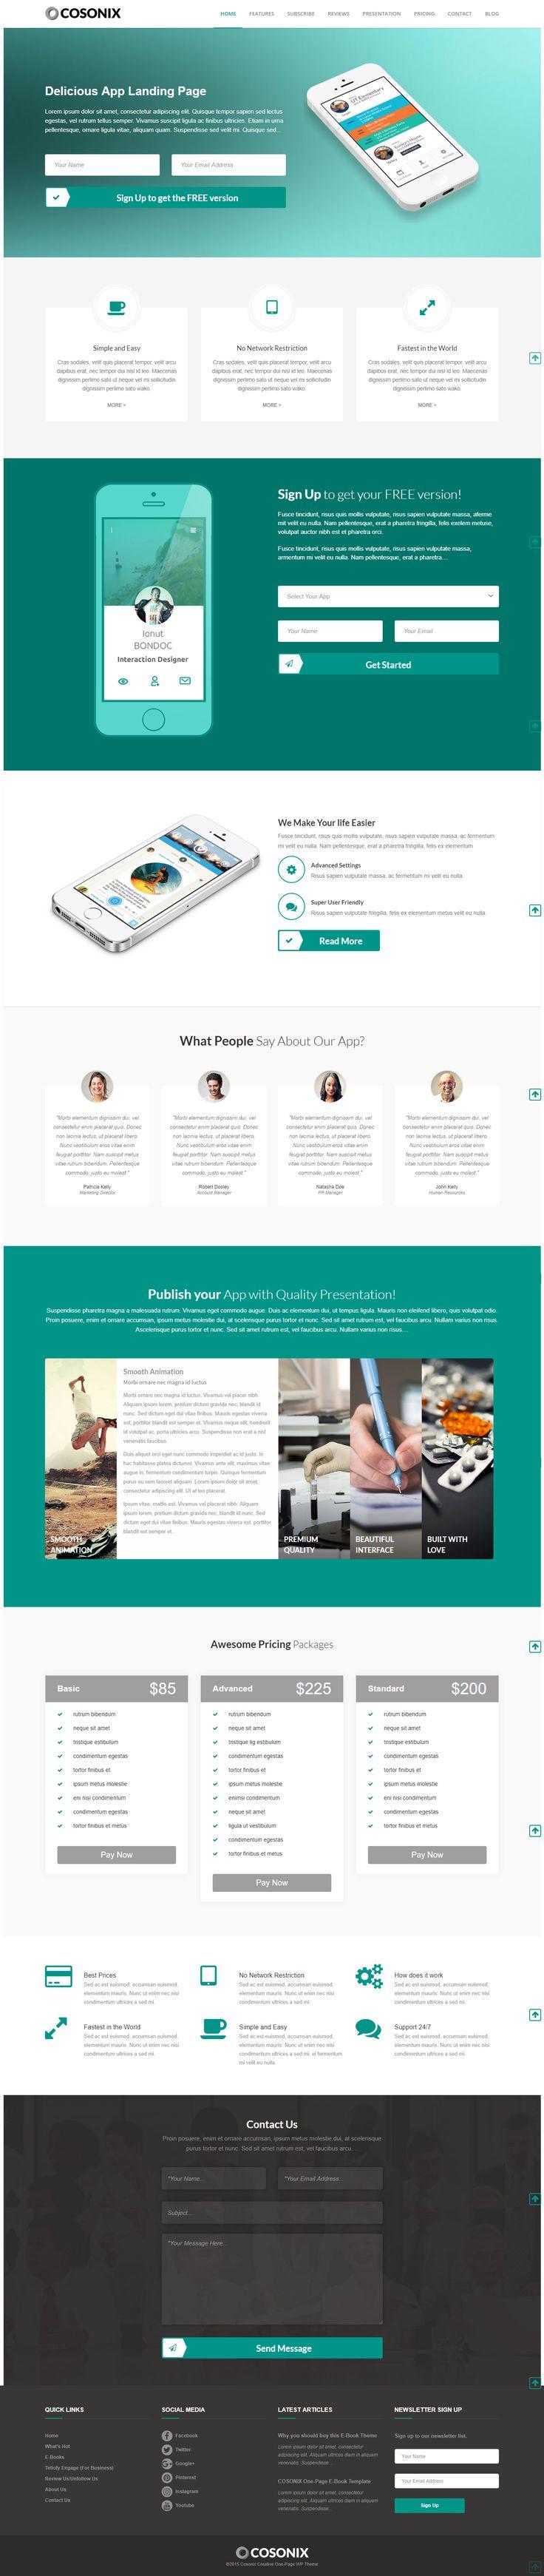 Cosonix App is a captivating WordPress